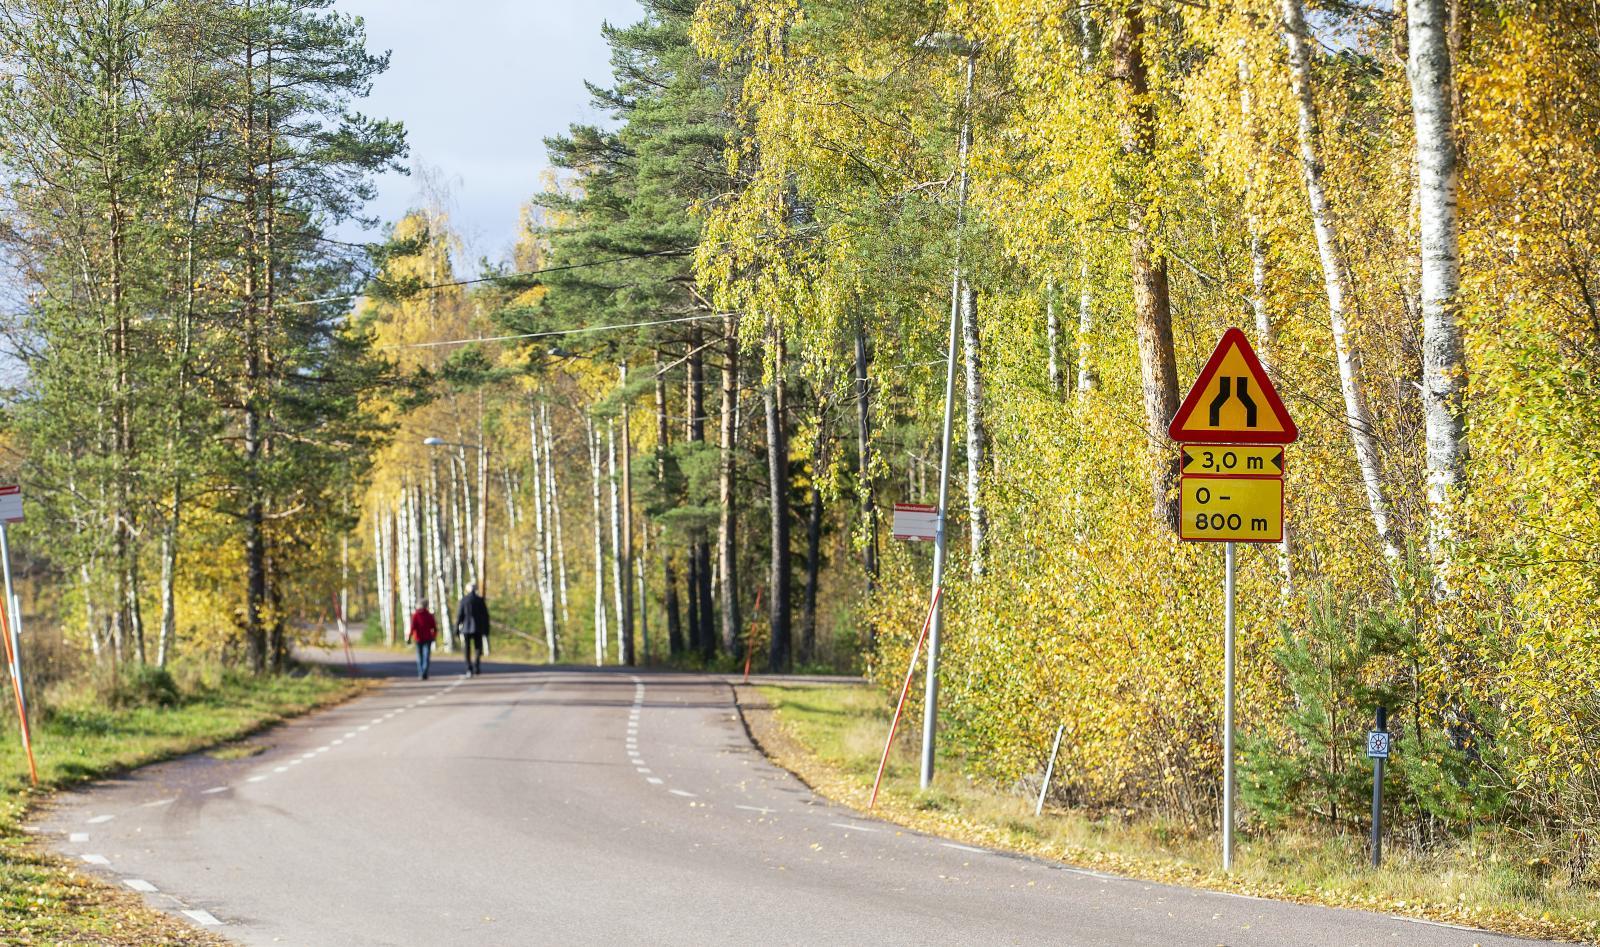 Varning för avsmalnande väg, mer än så skyltas inte bygdevägen i Falun.